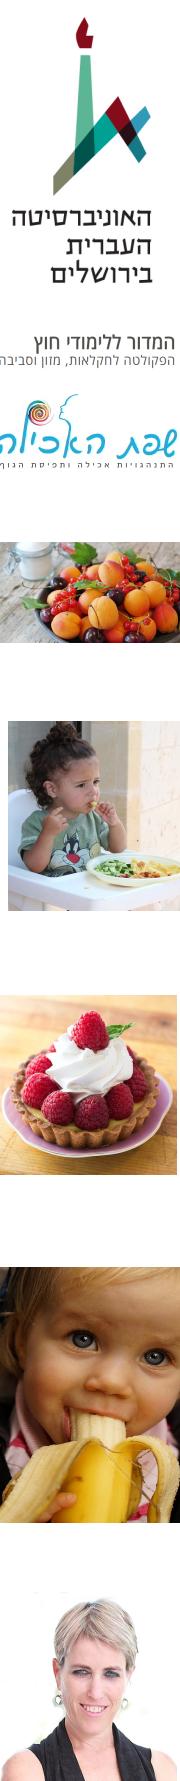 האוניברסיטה העברית  - המדור ללימודי חוץ, רחובות - קורס למורים - שפת האכילה